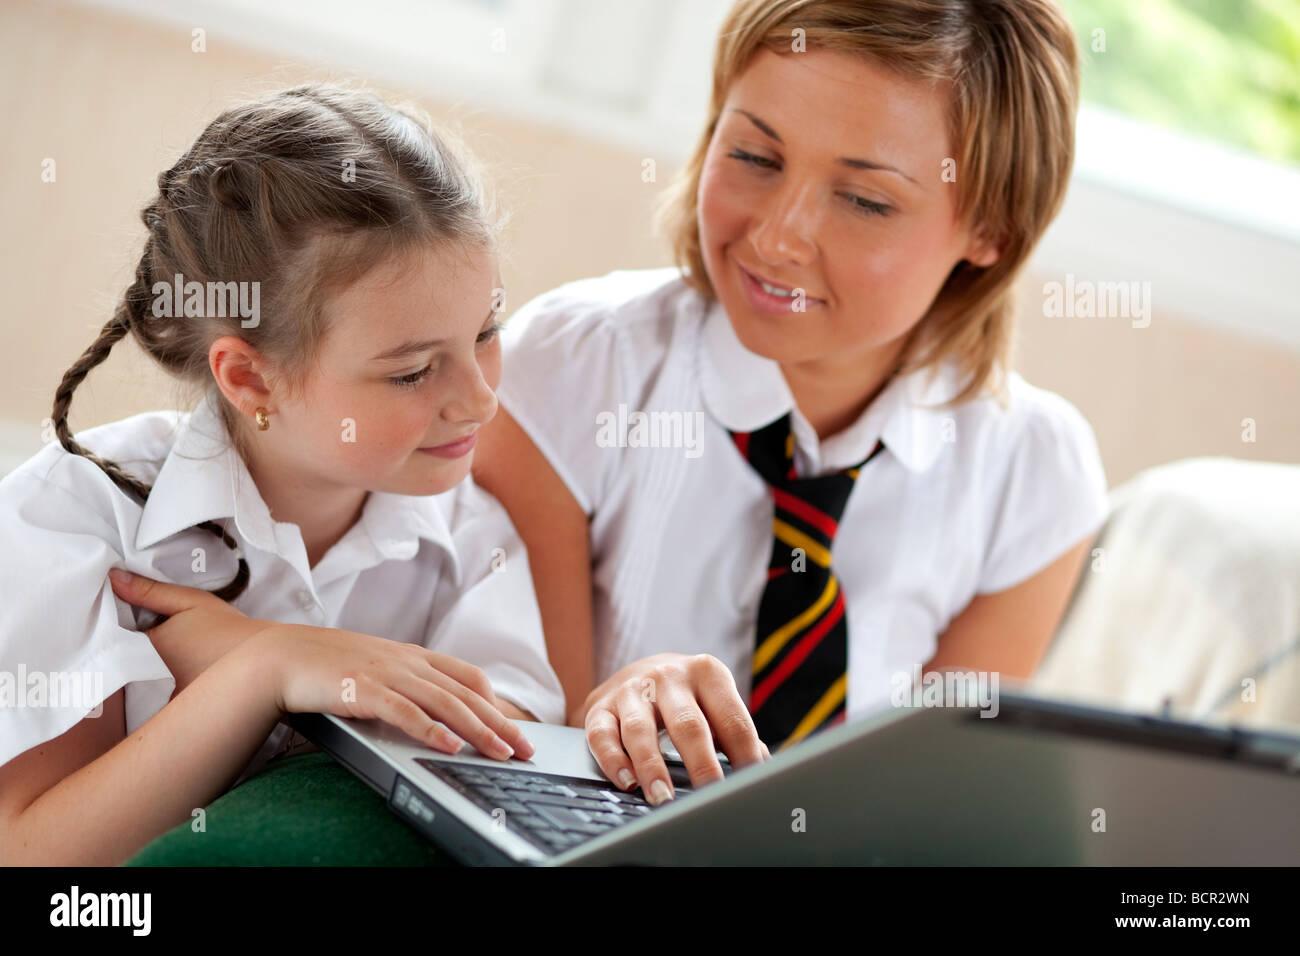 2 girls using on laptop - Stock Image